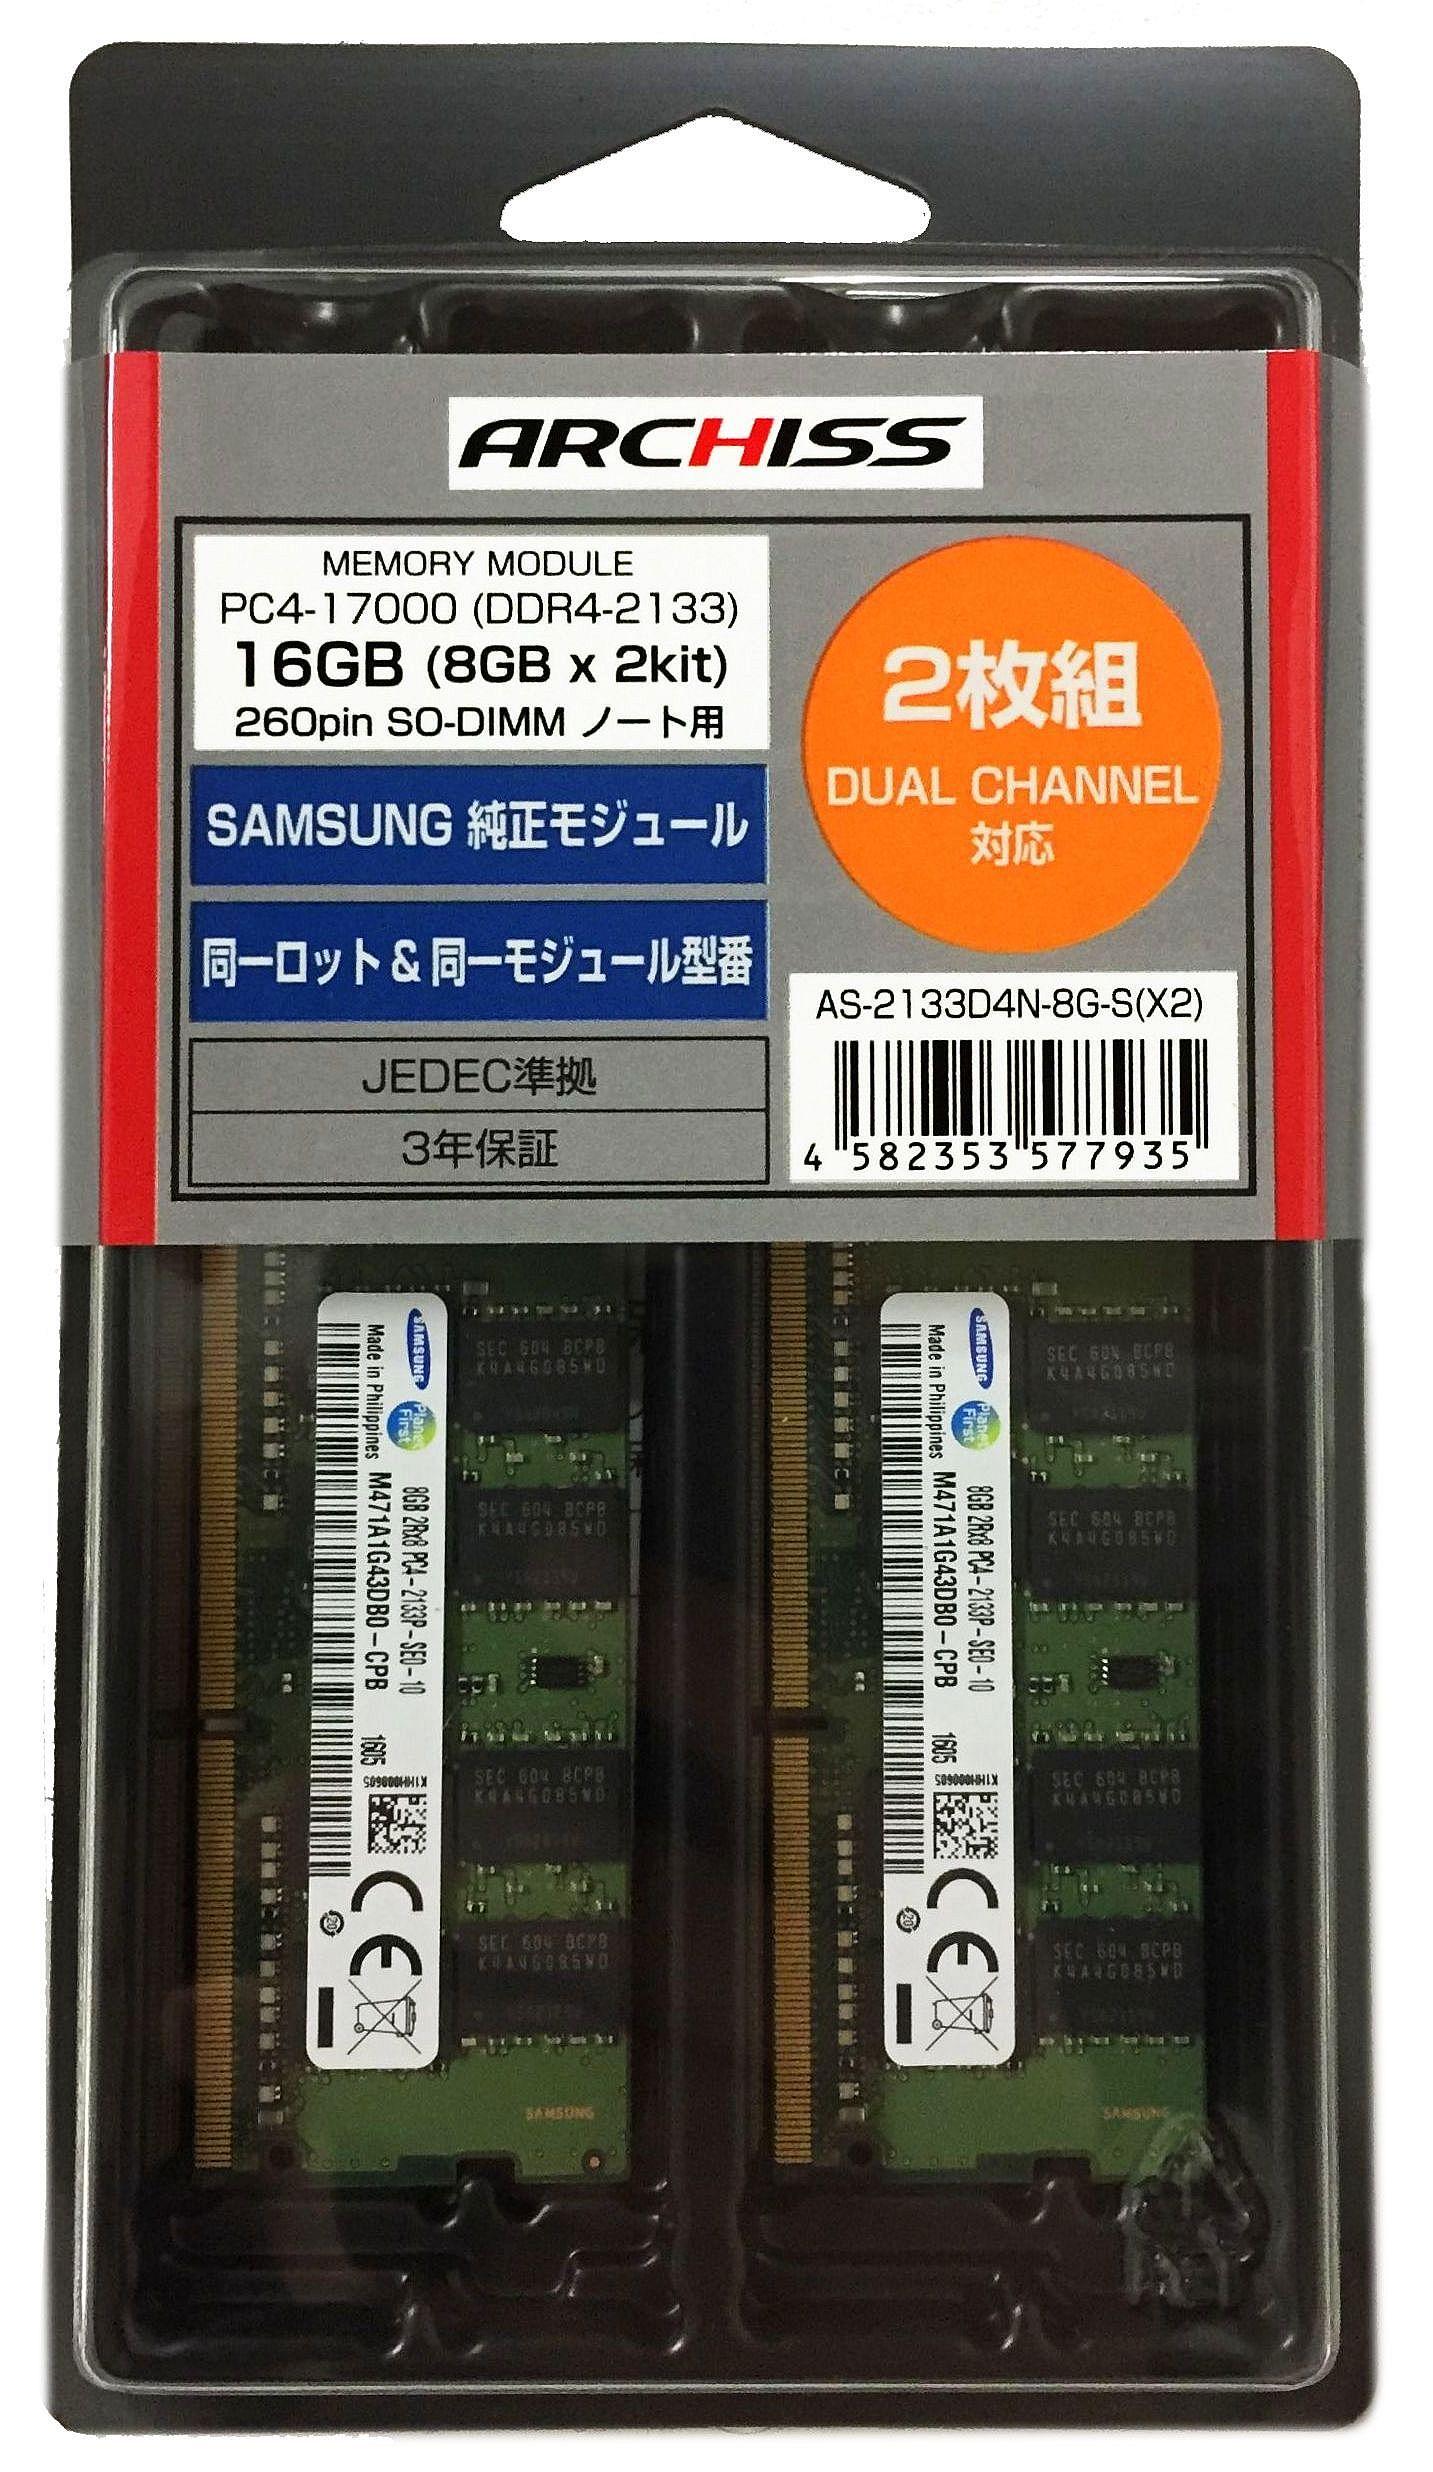 AS-2133D4N-8G-S(X2)